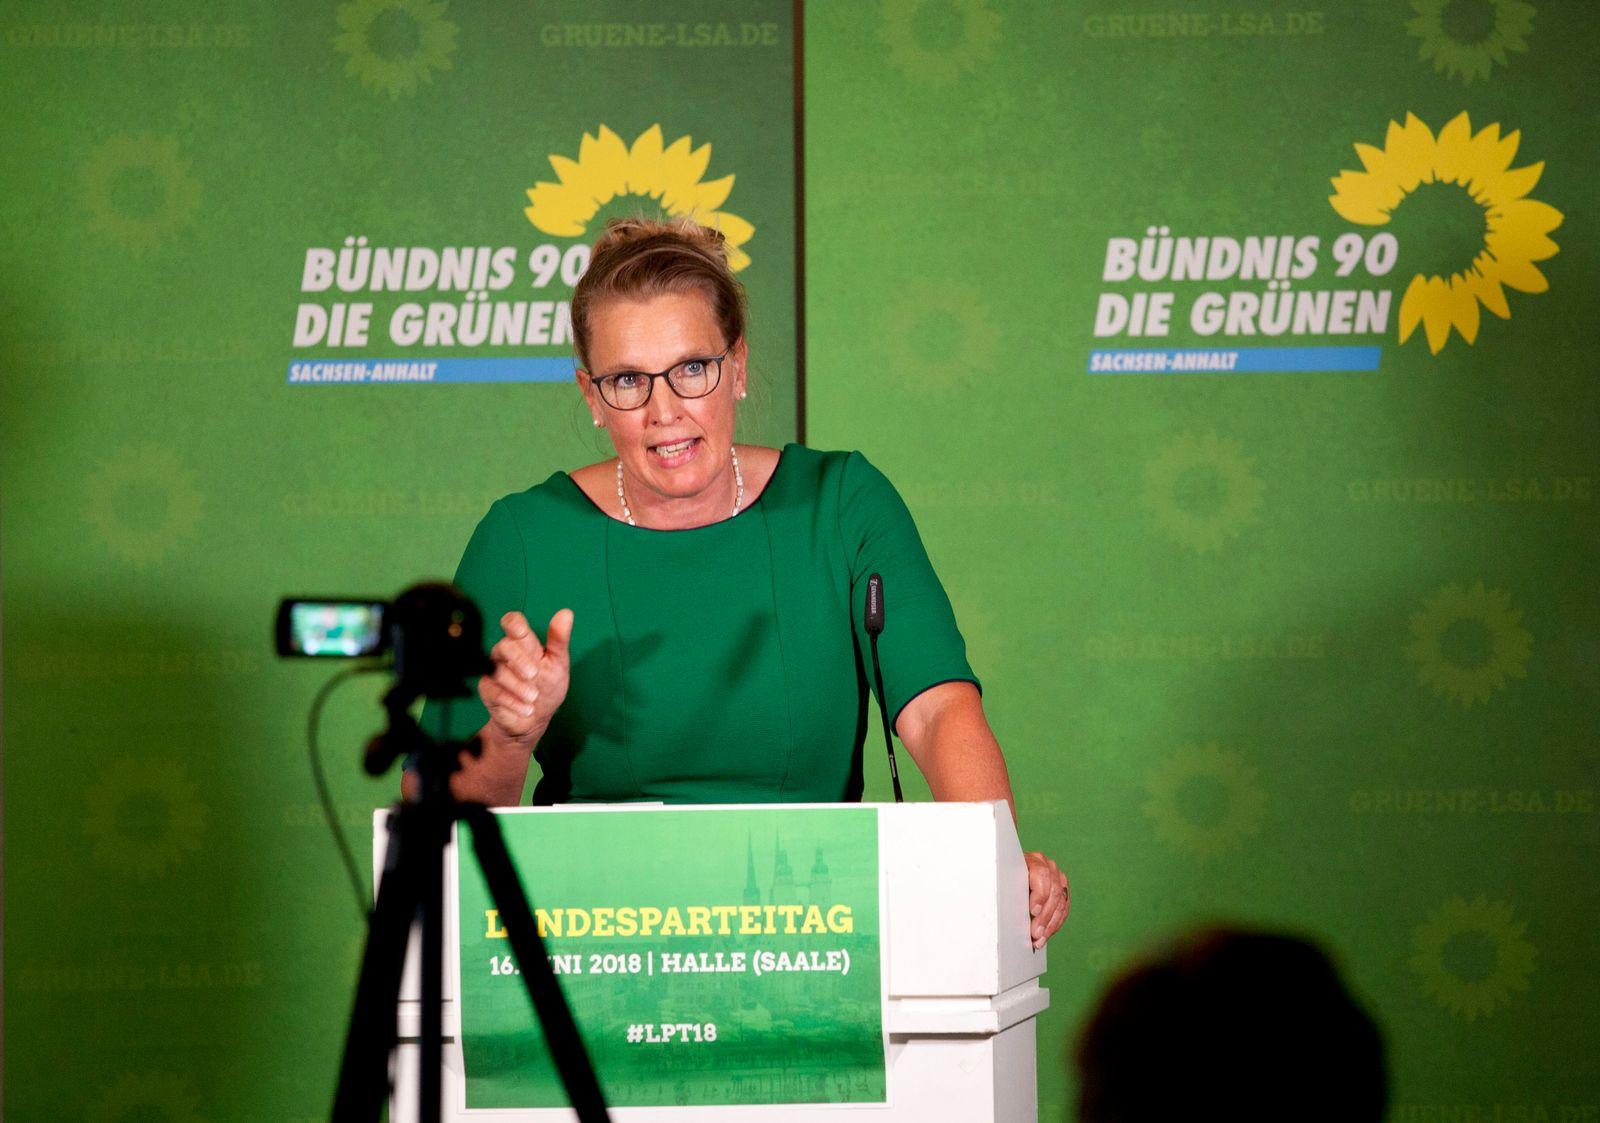 Britta Heide-Garben